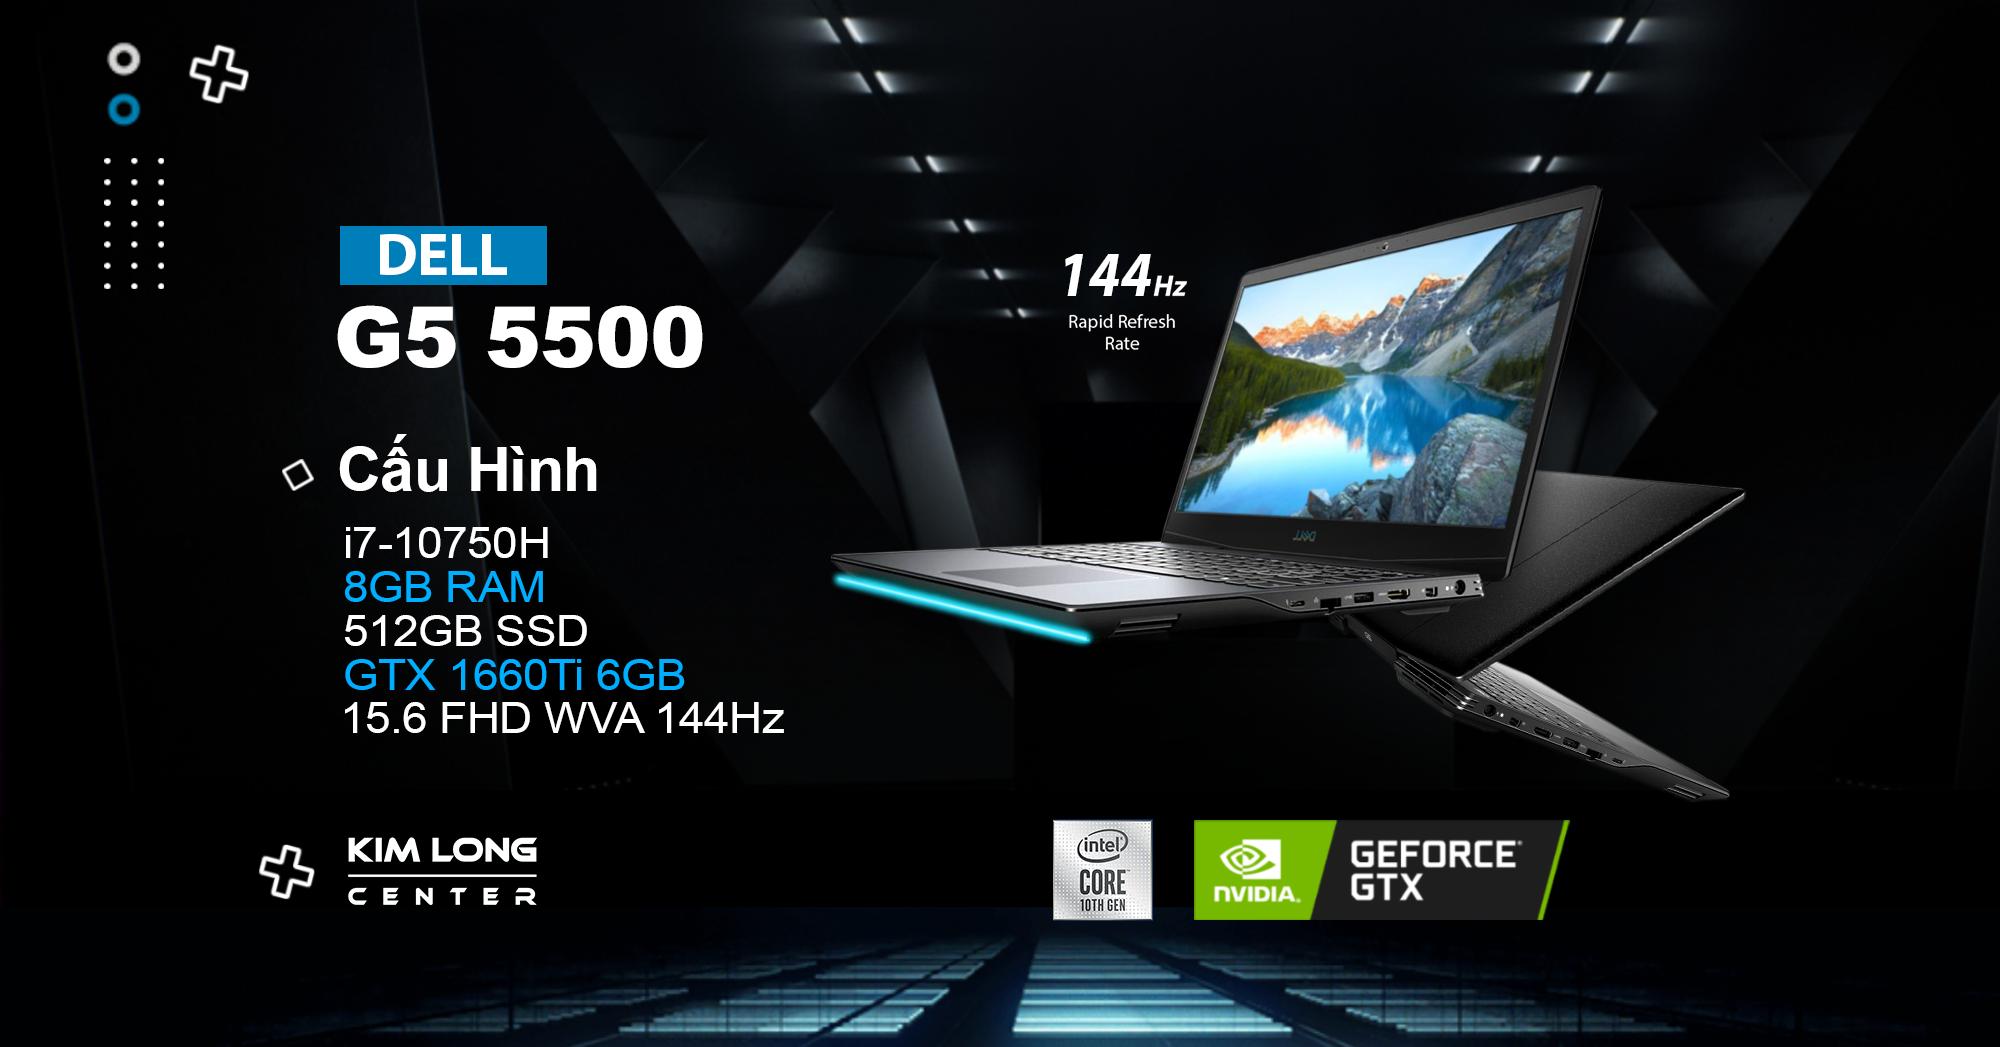 dell g5 5500 là một trong những laptop gaming đáng mua nhất 2020